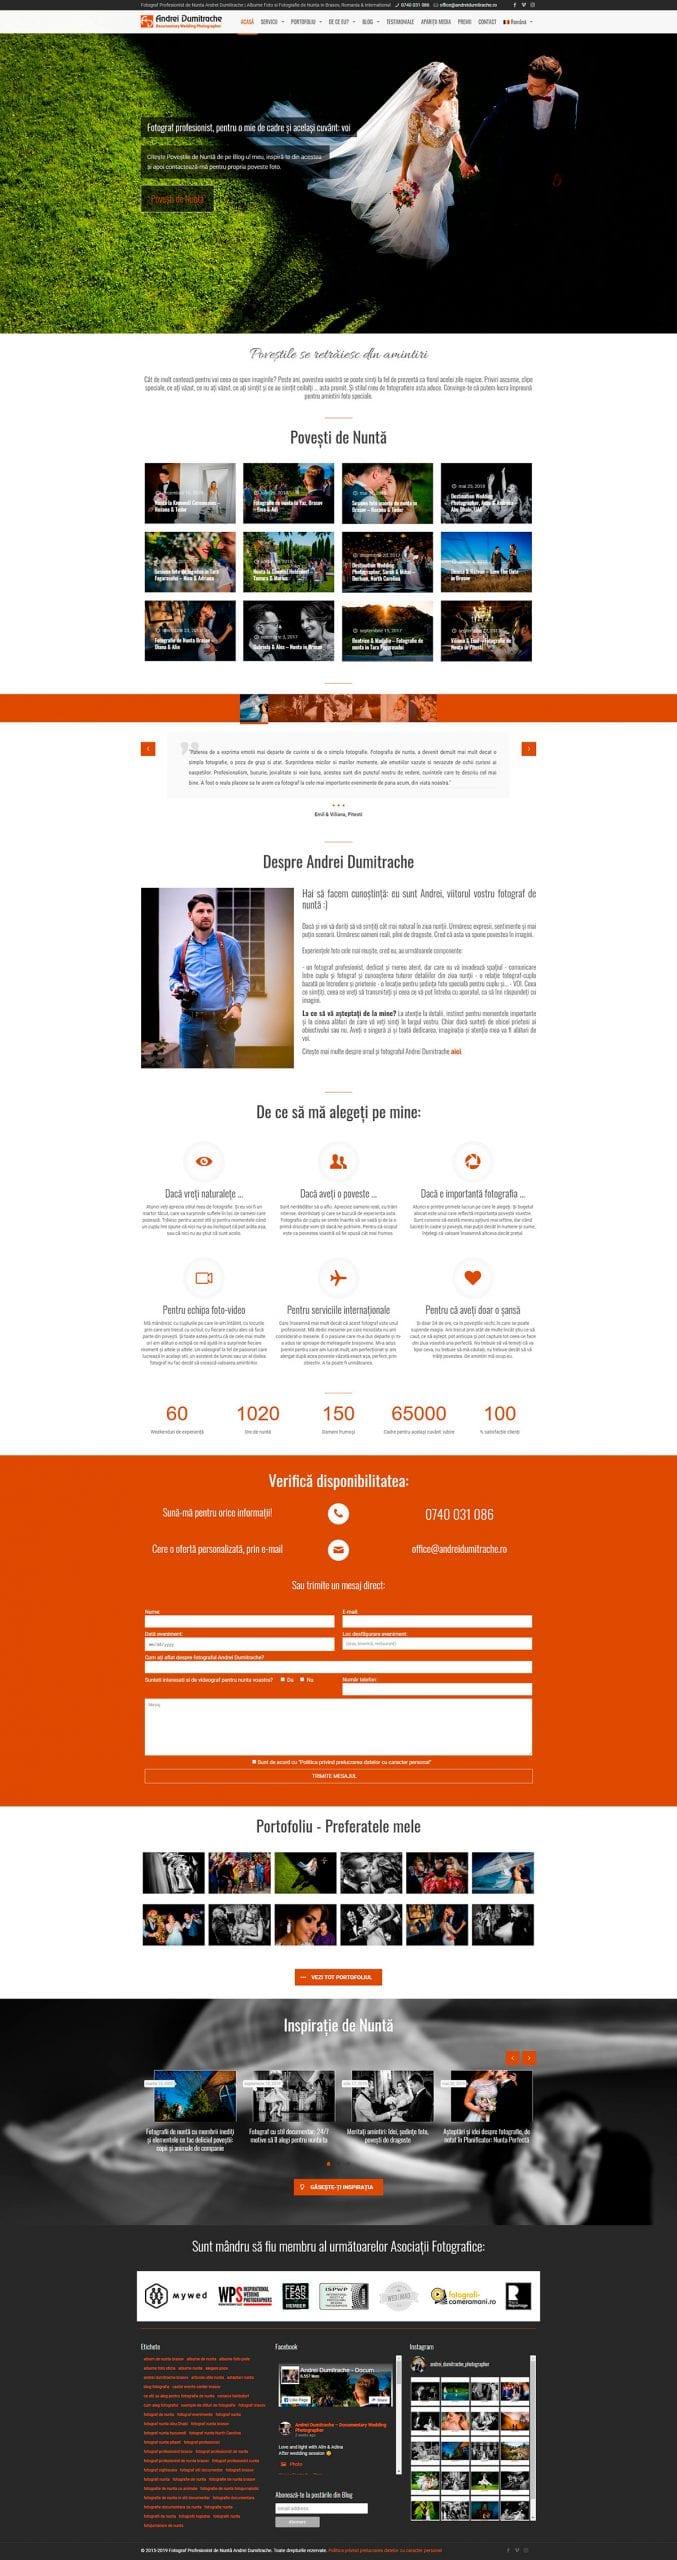 Servicii Web Design WordPress, Site de Prezentare